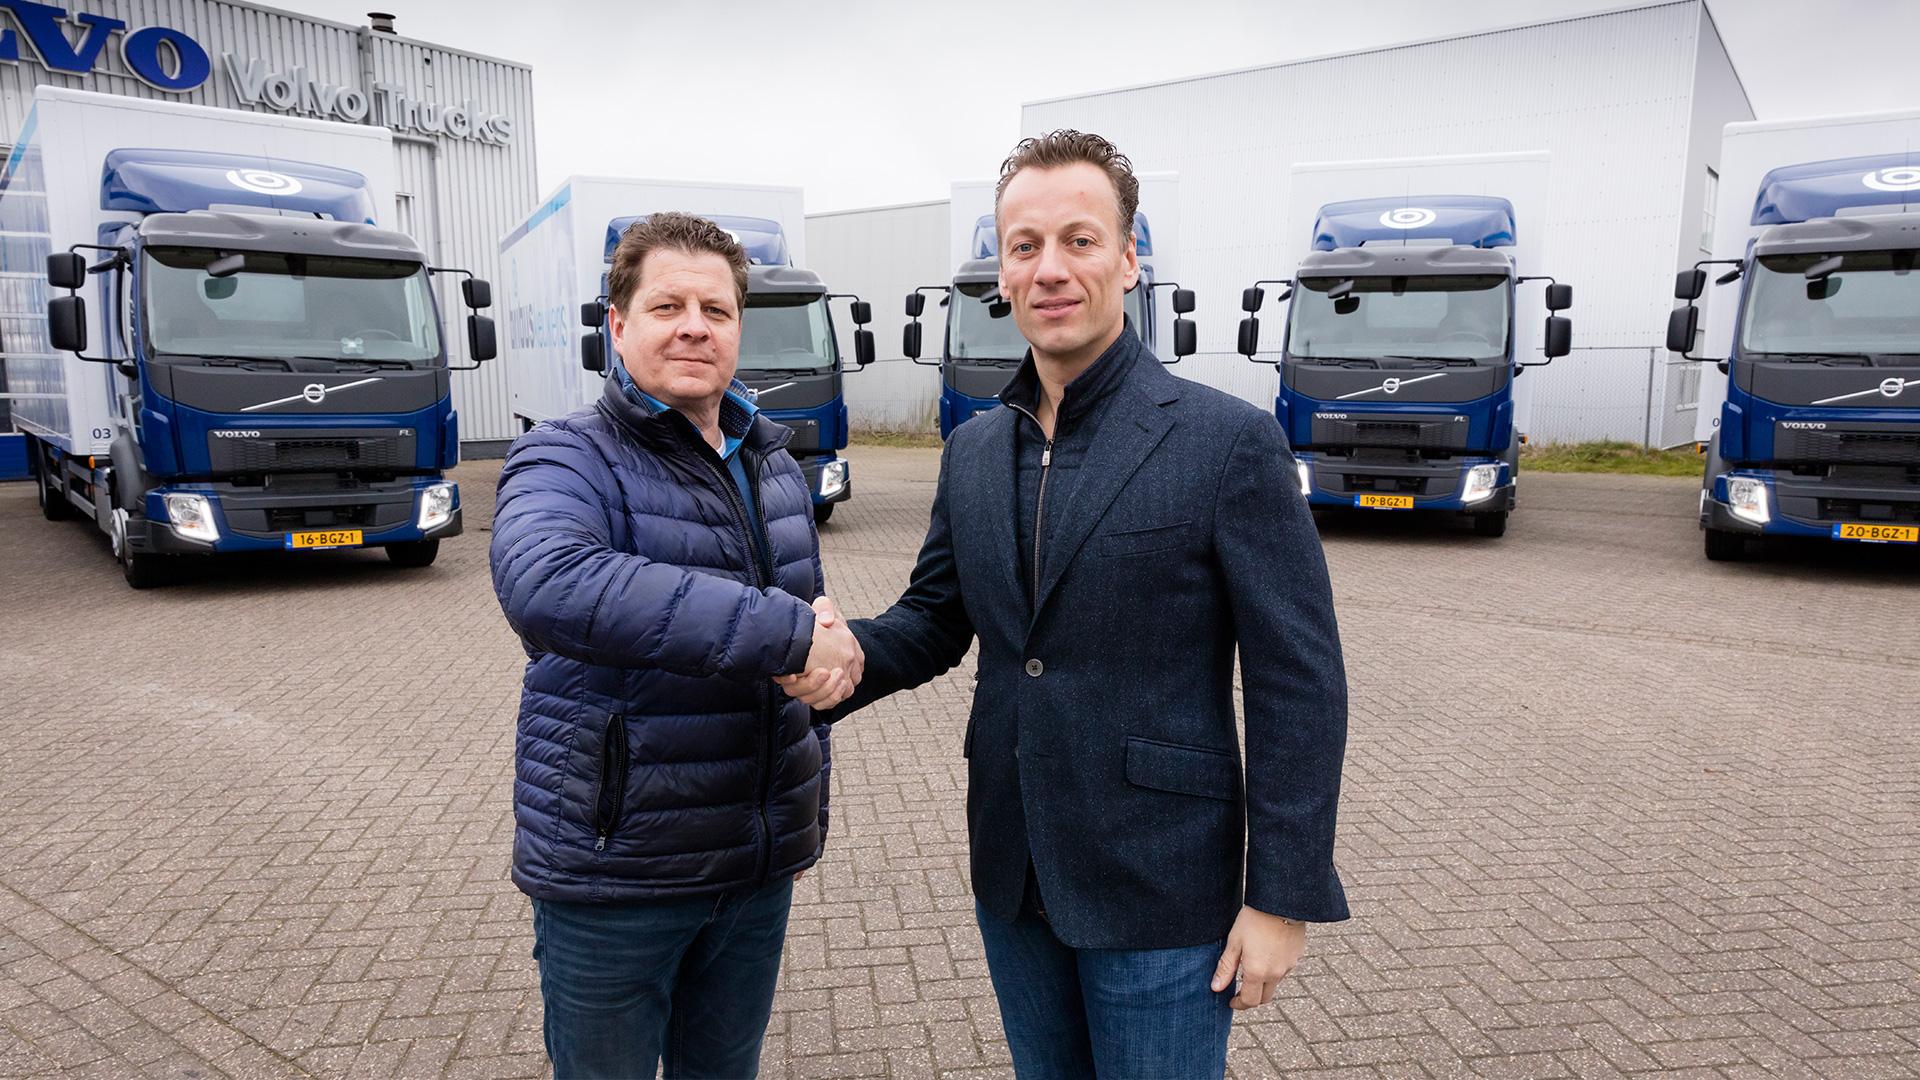 Bribus neemt nieuwe milieuvriendelijke vrachtwagens in ontvangst